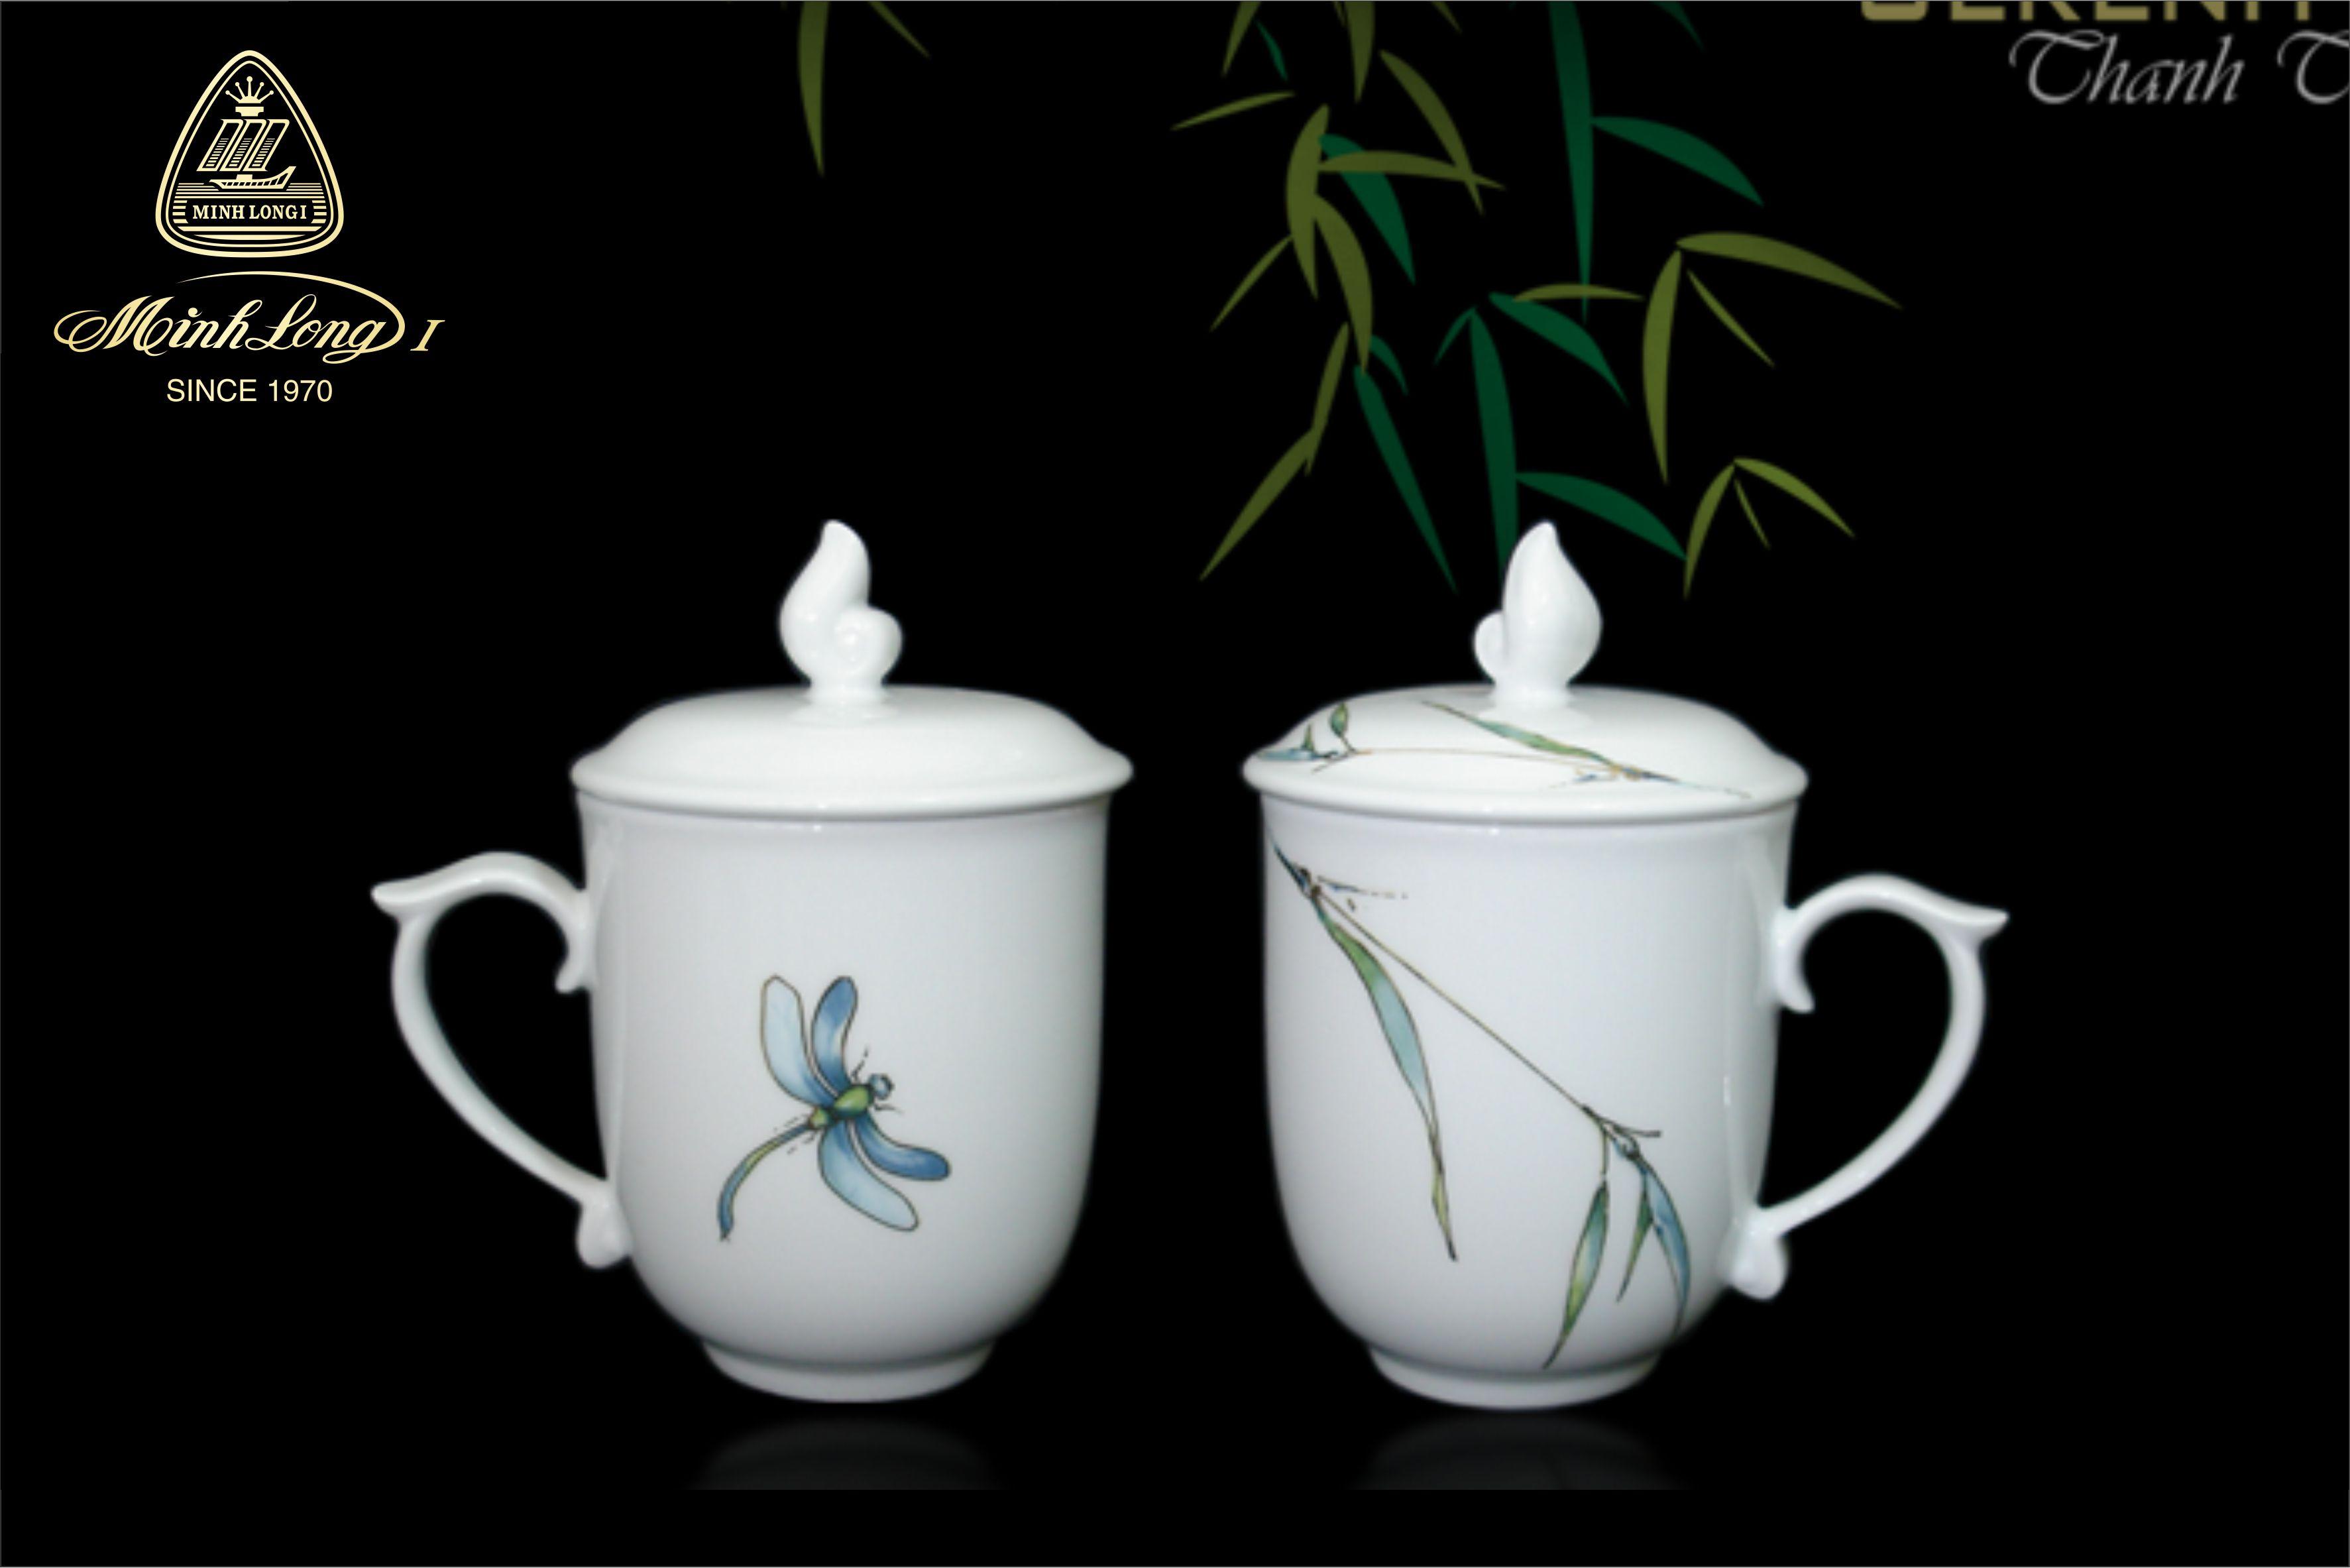 Ca trà 0.30L+ nắp Mẫu đơn Thanh trúc 153009176 Minh Long